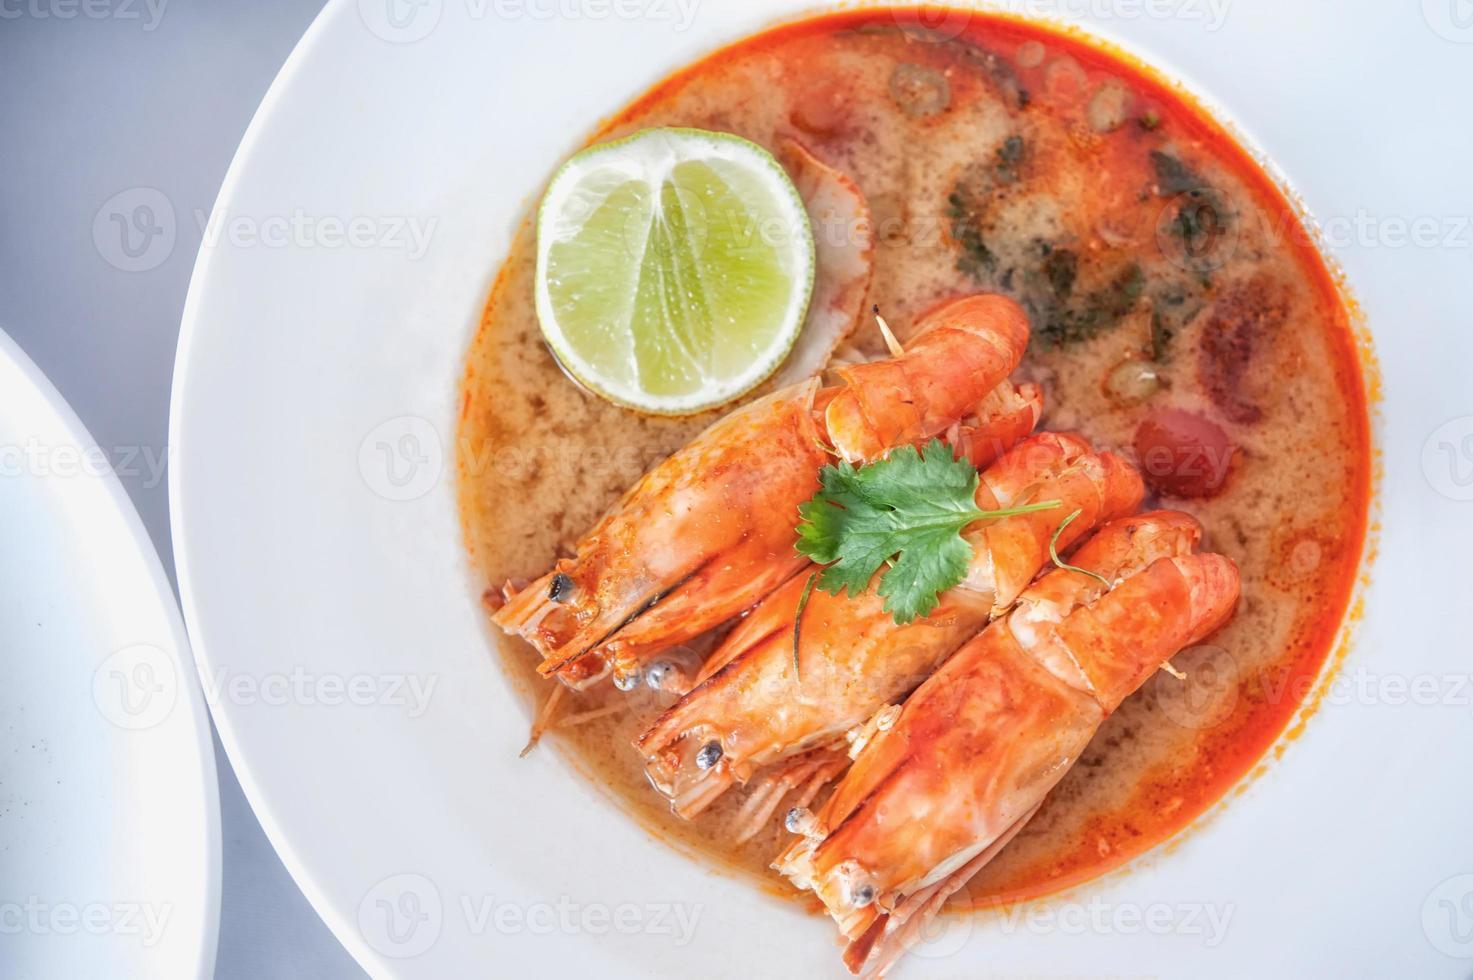 hete, zure soep en garnalen in gecondenseerd water, thaise traditiona foto